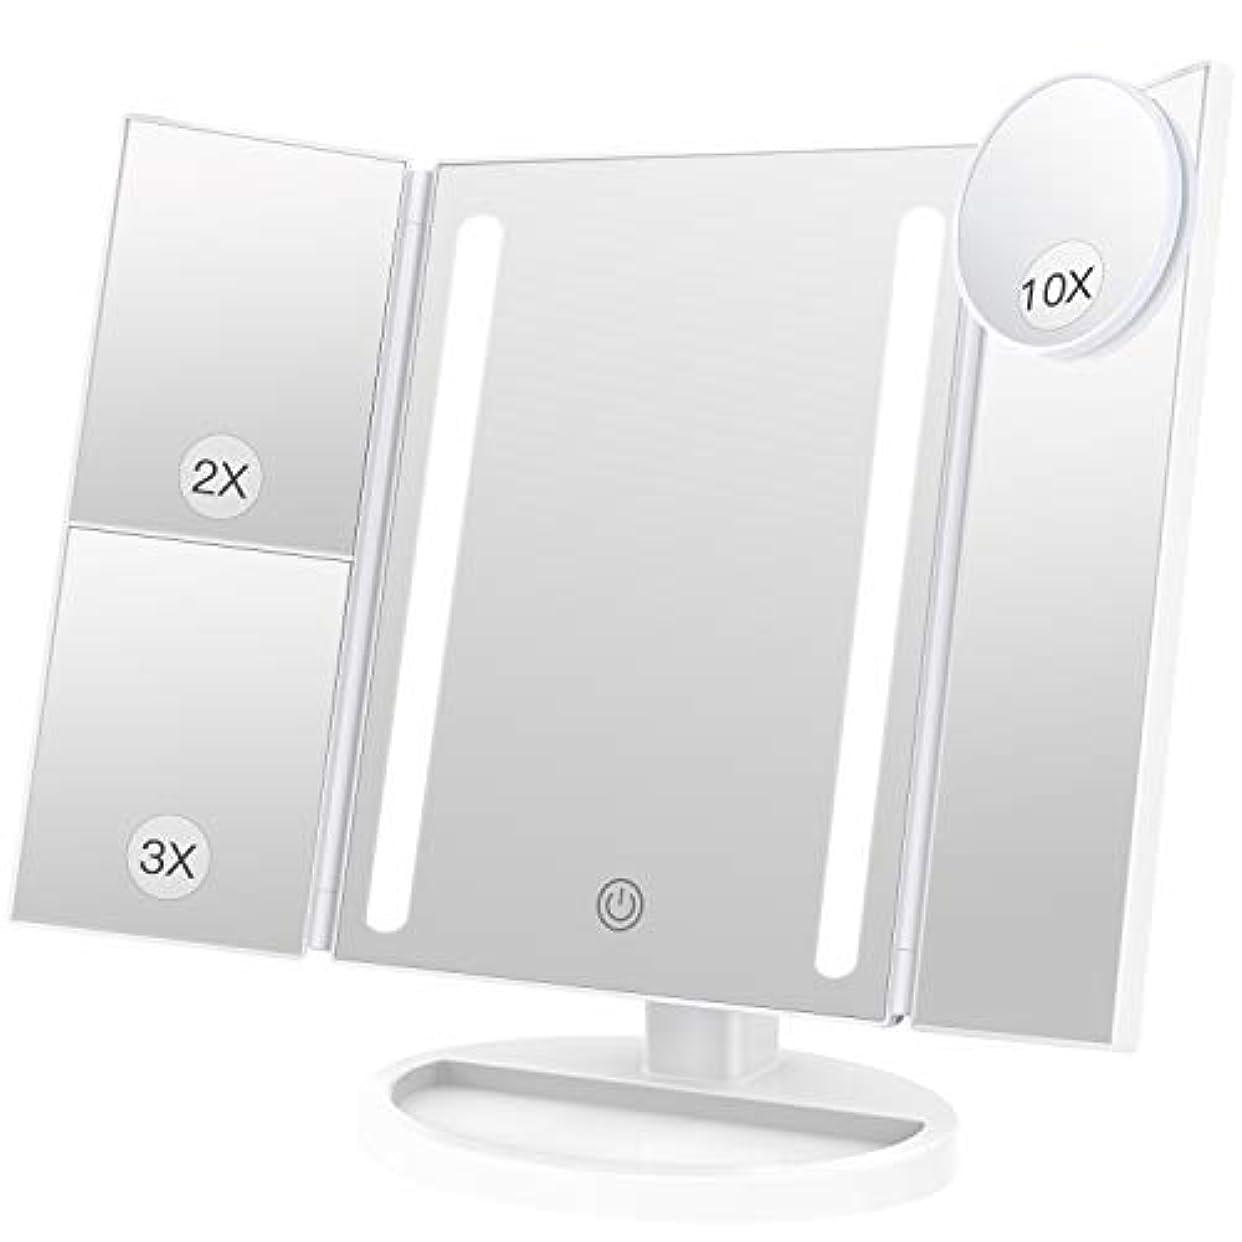 侵略物足りない最小化するBESTOPE 化粧鏡 卓上鏡 鏡 三面鏡 拡大鏡 卓上 led付き 折りたたみ 2倍&3倍 明るさ調節可能 180°回転 電池&USB 2WAY給電